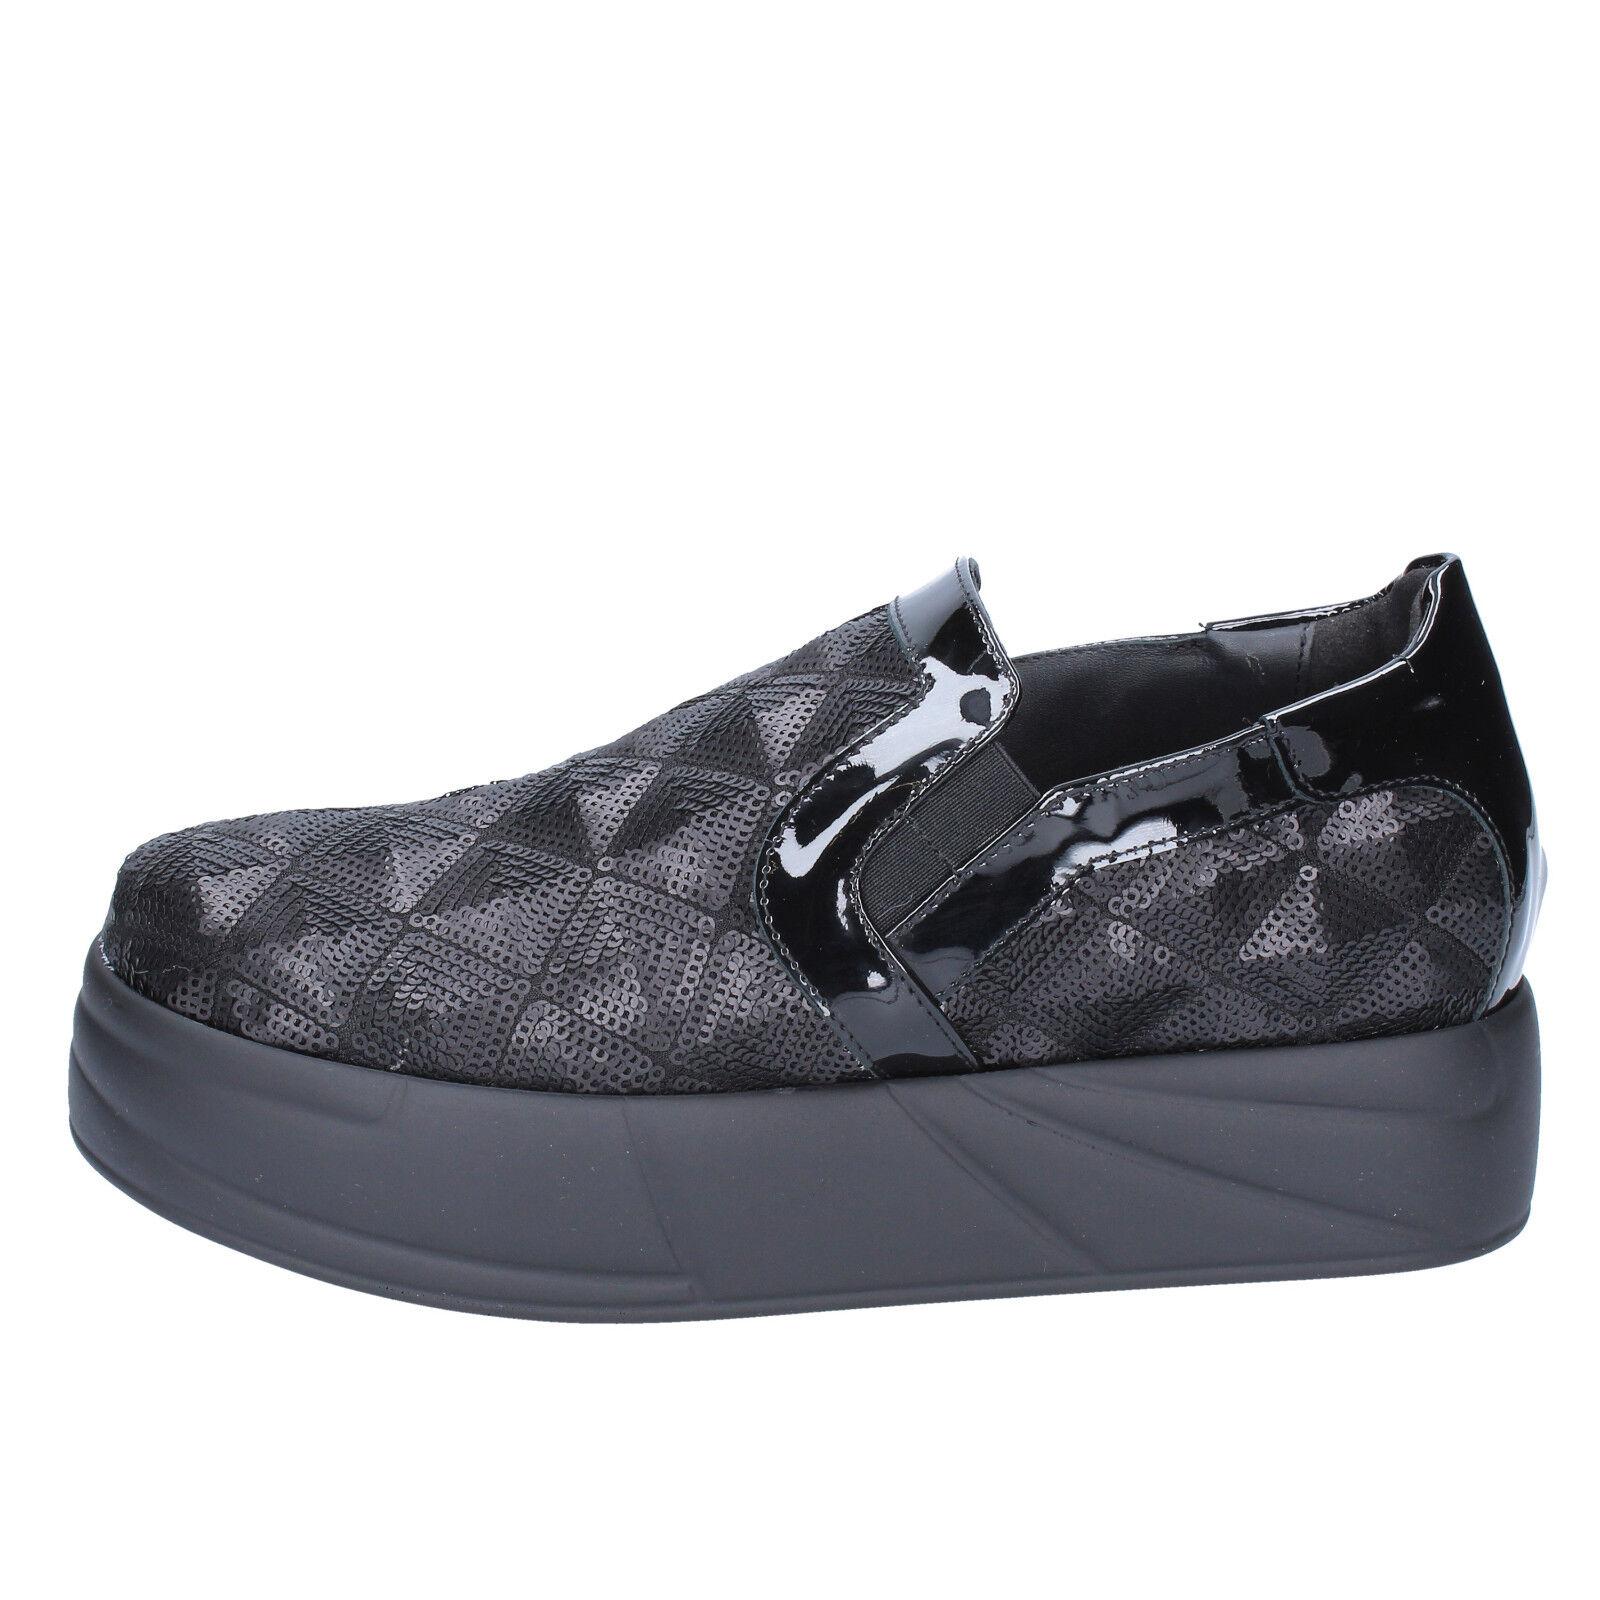 Chaussures Femmes Jeannot 36 Mocassins Slip-on Noir Paillettes bx129-36